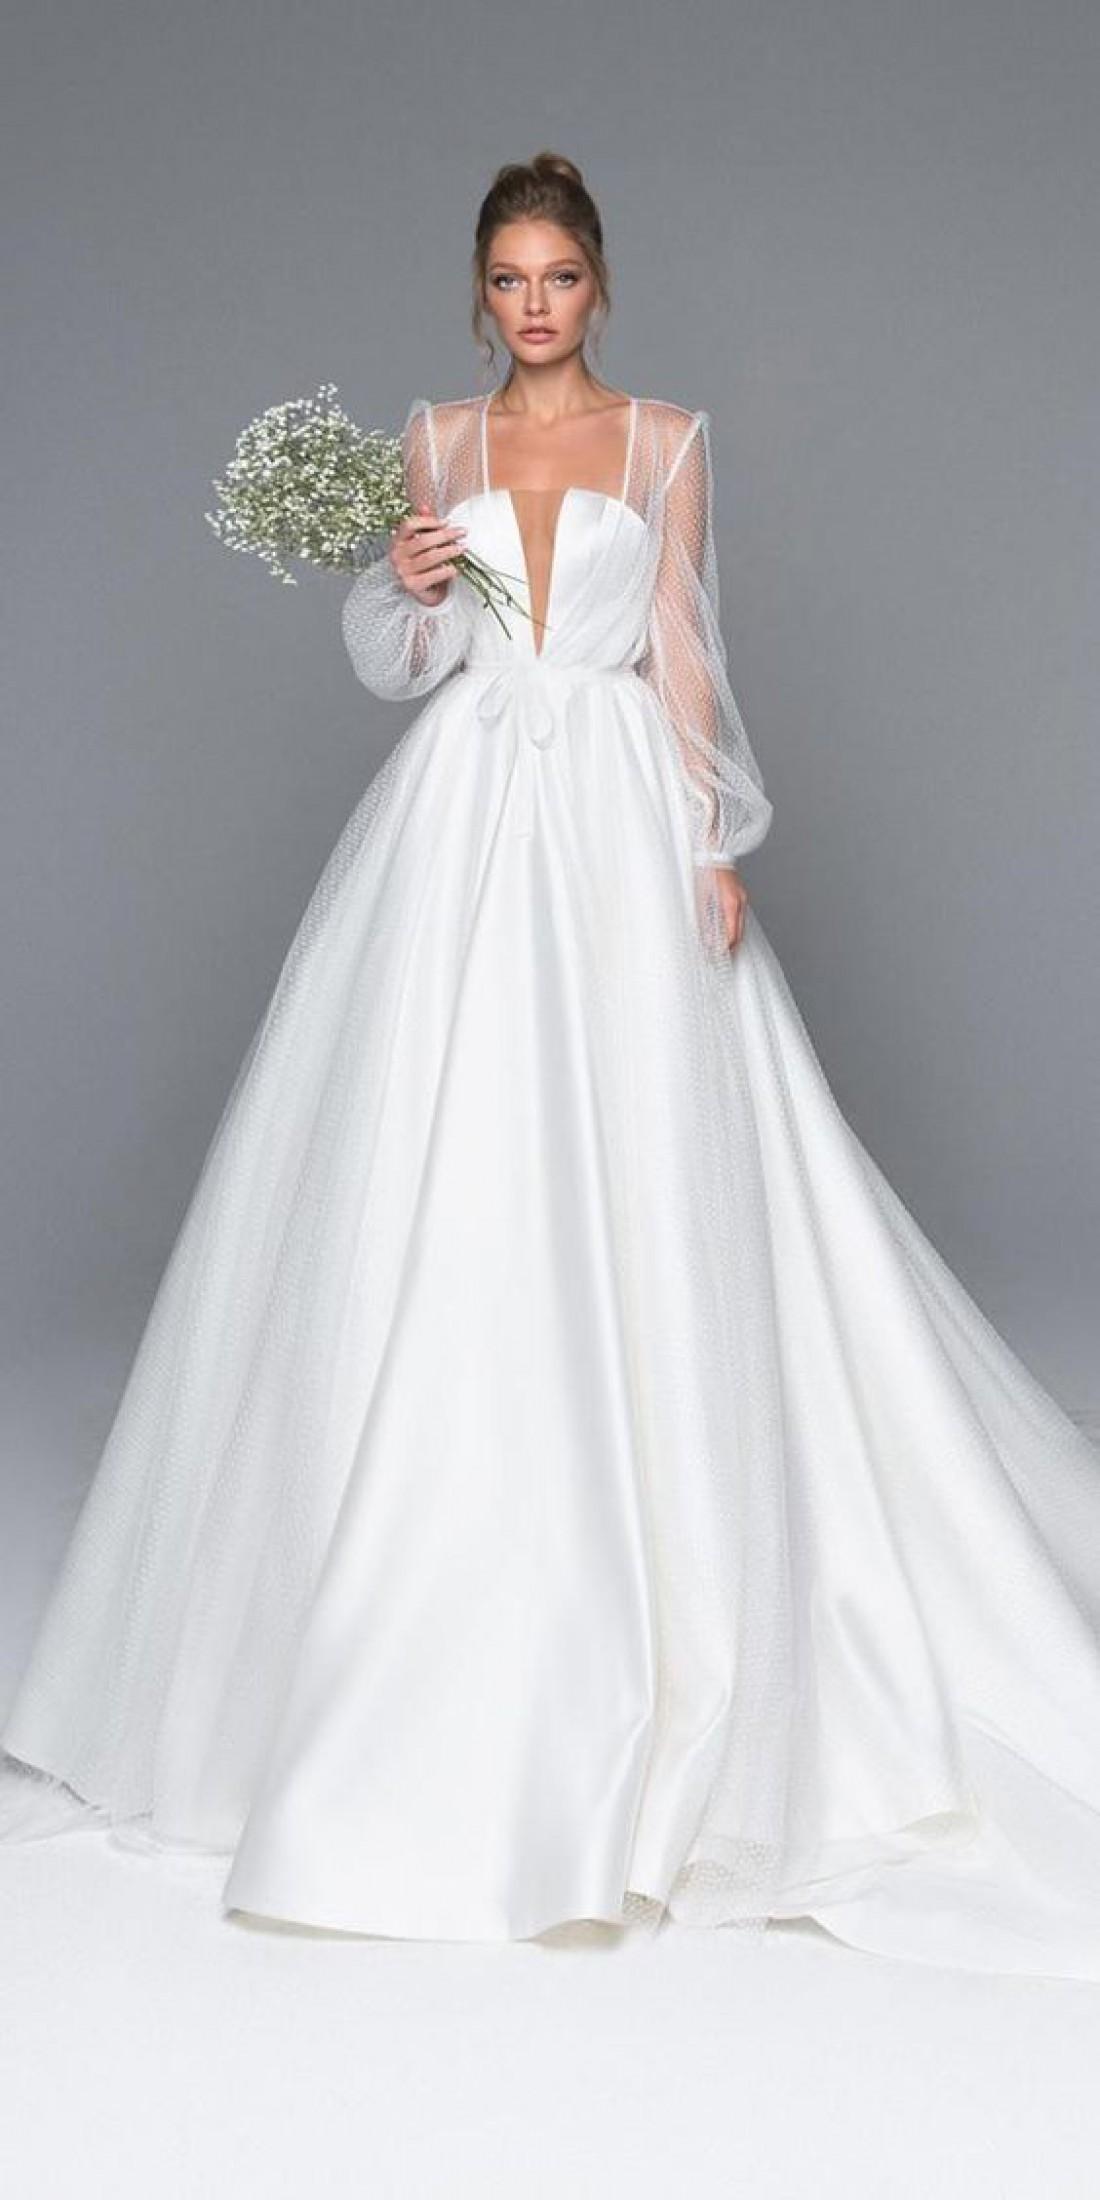 c64d2aec1e0 Модные тренды  Свадебные платья 2019 года